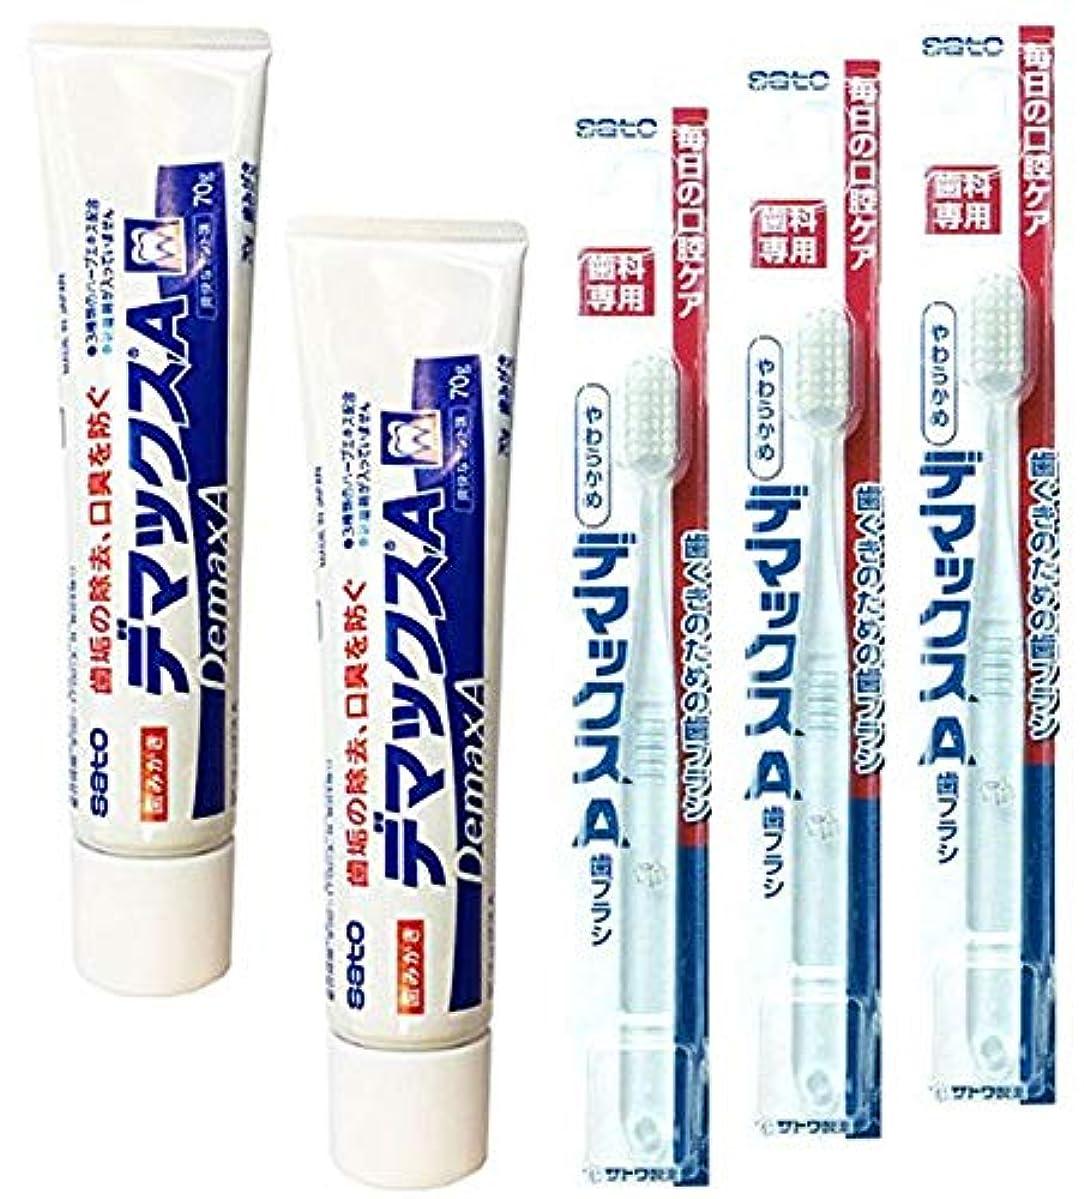 紀元前緩むパスタ佐藤製薬 デマックスA 歯磨き粉(70g) 2個 + デマックスA 歯ブラシ 3本 セット